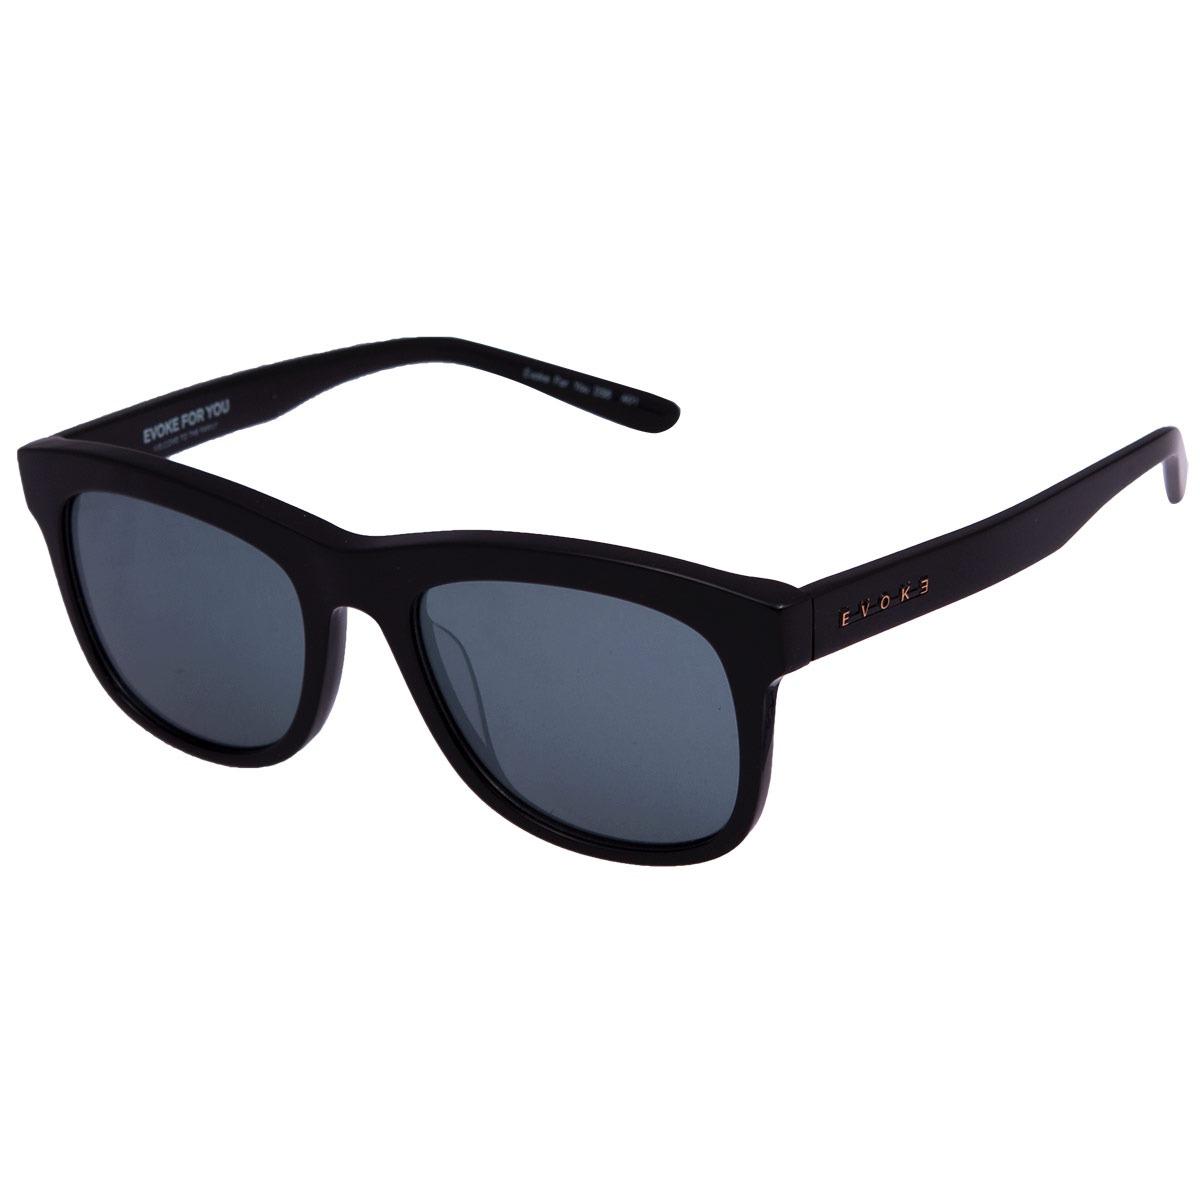 cee1ec41d Óculos De Sol Evoke For You Ds6 A01 - Black/silver - R$ 584,00 em ...